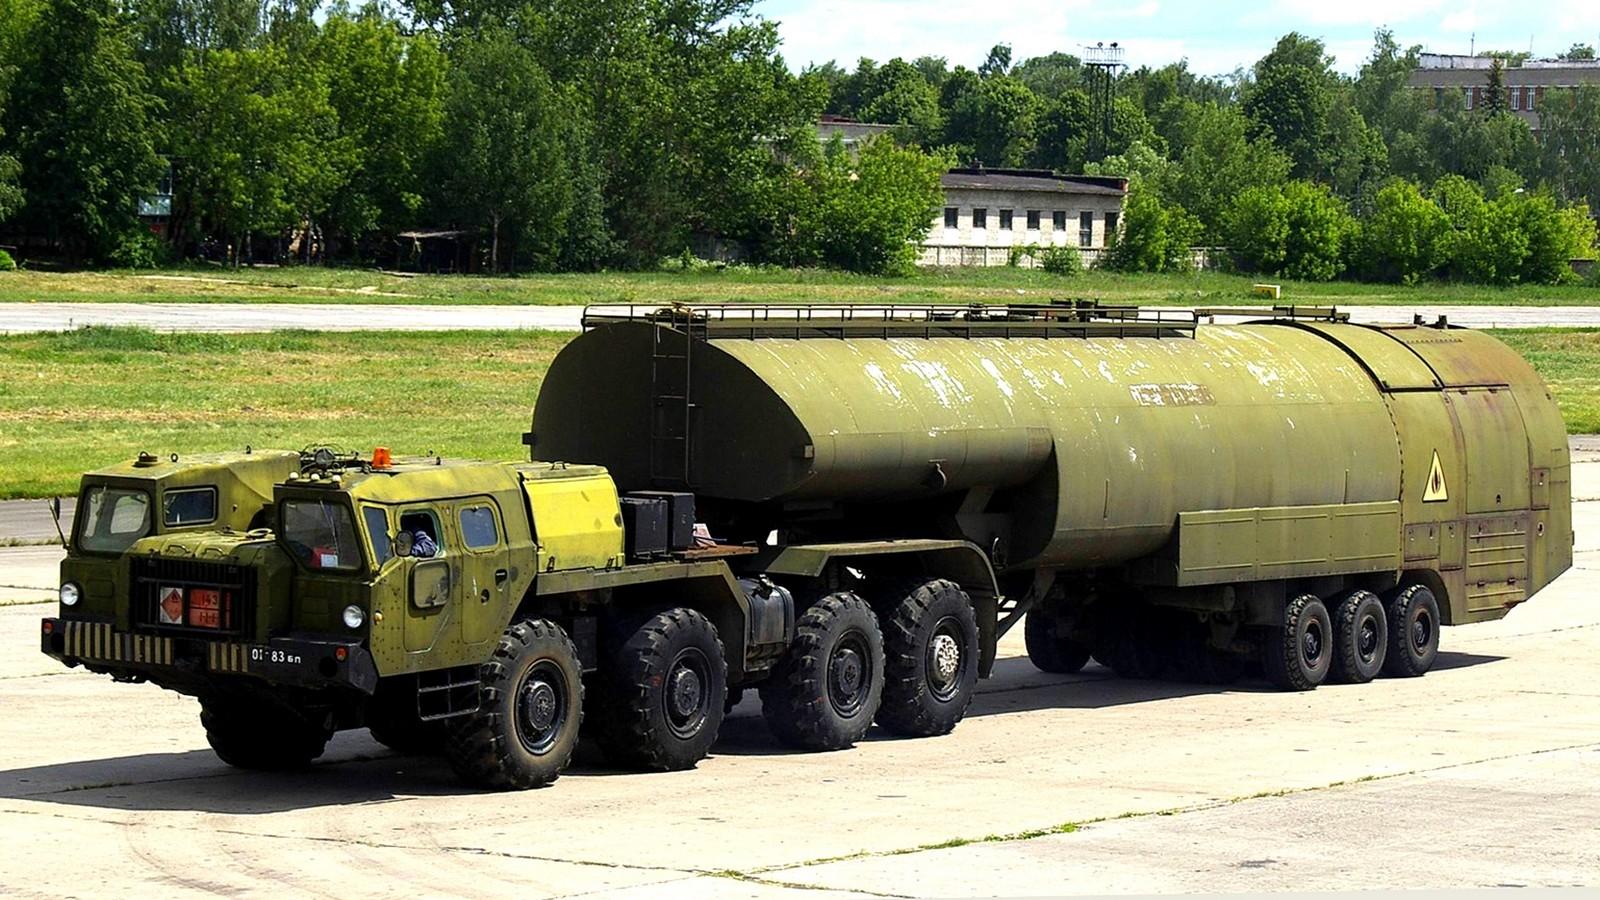 МАЗ-74103 с полуприцепным топливозаправщиком ТЗ-60 (фото М. Чега)